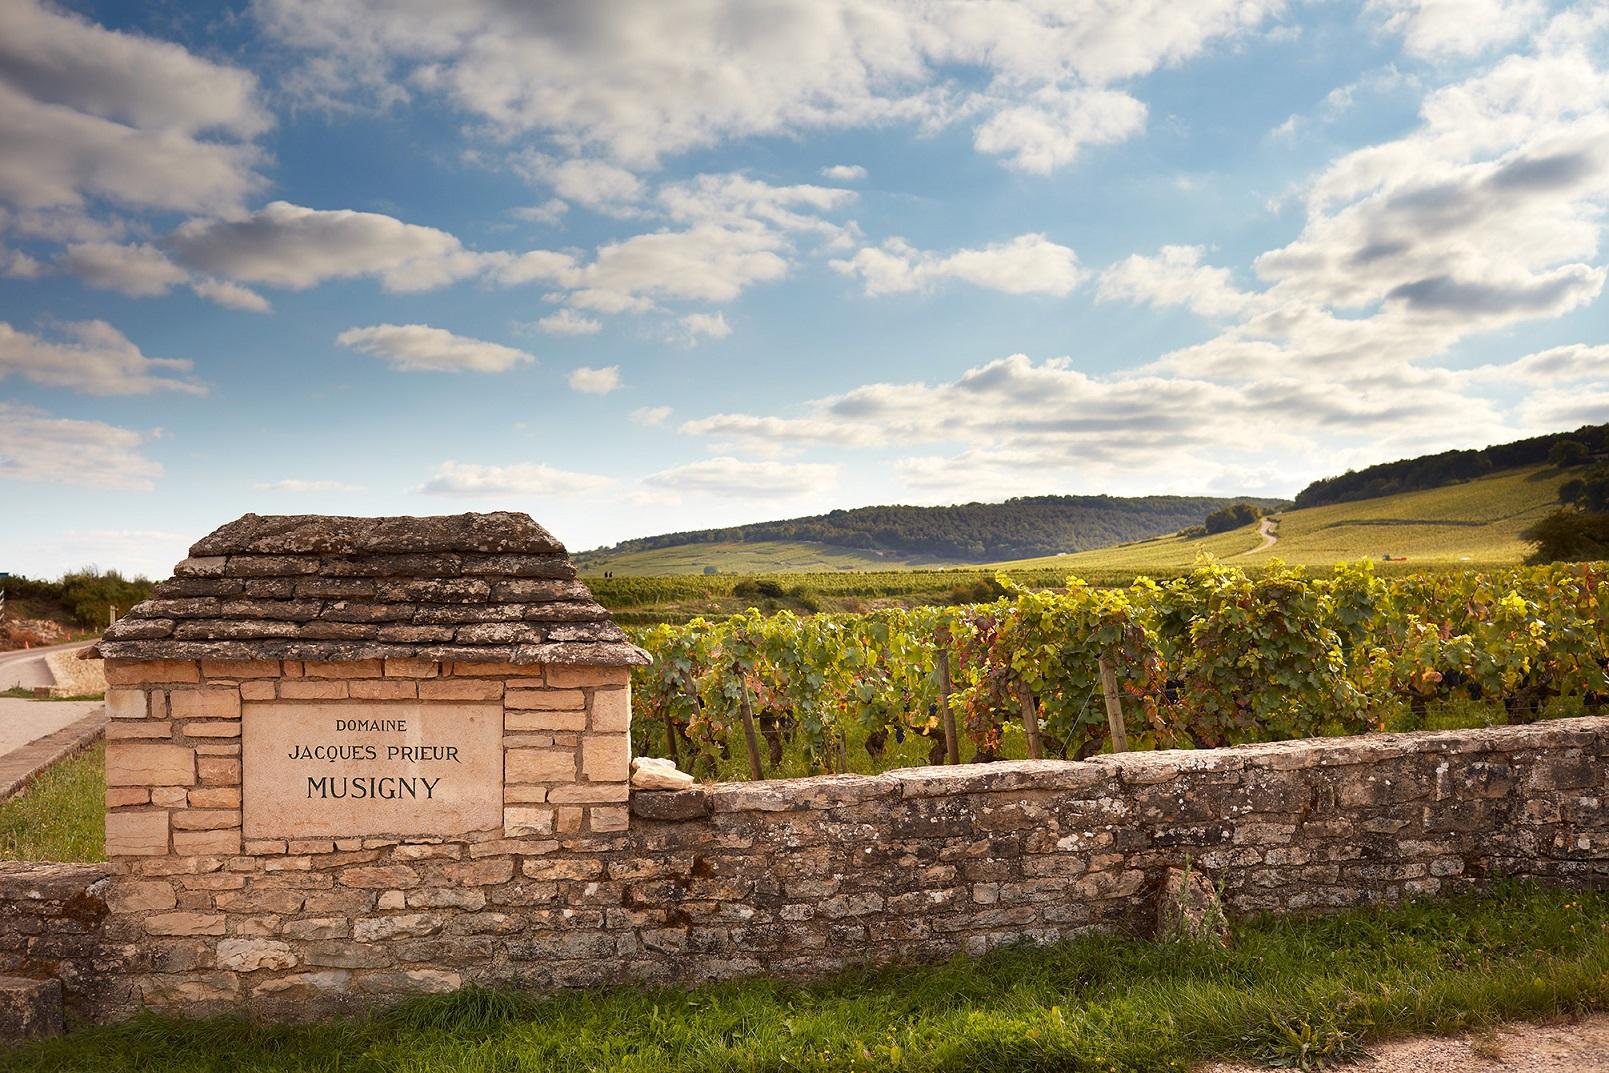 黑皮诺圣地——香波-慕西尼村的优质葡萄园